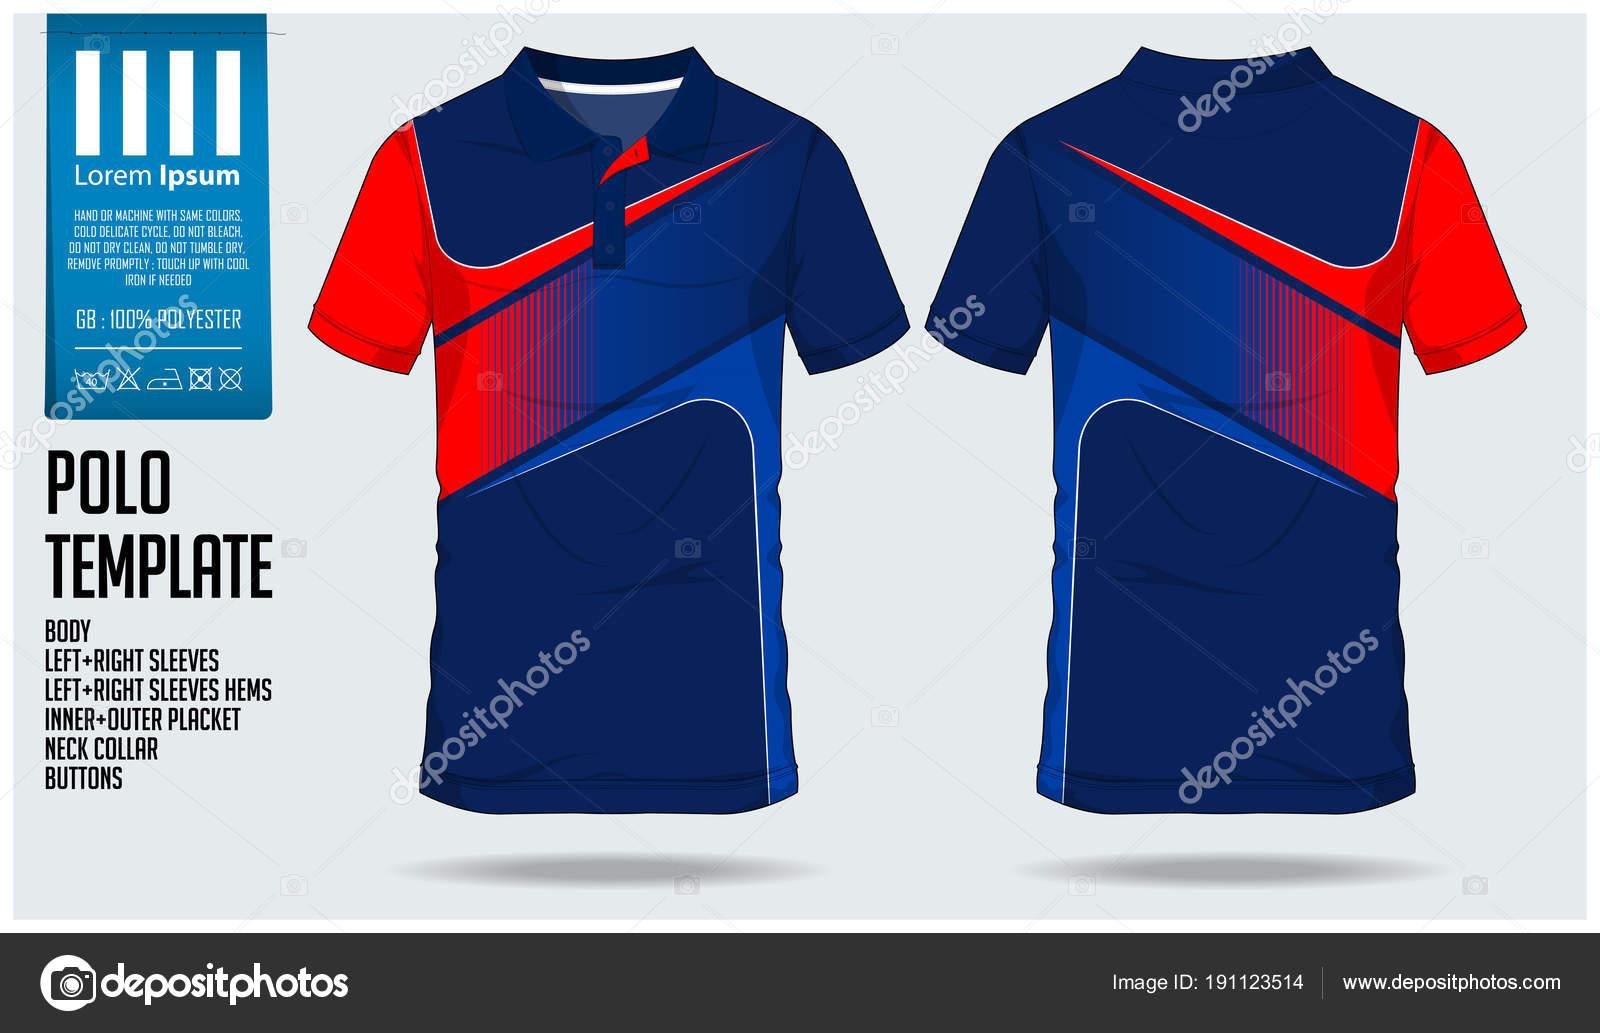 711b322ba38b7 Blue Polo camiseta plantilla diseño para camiseta de fútbol